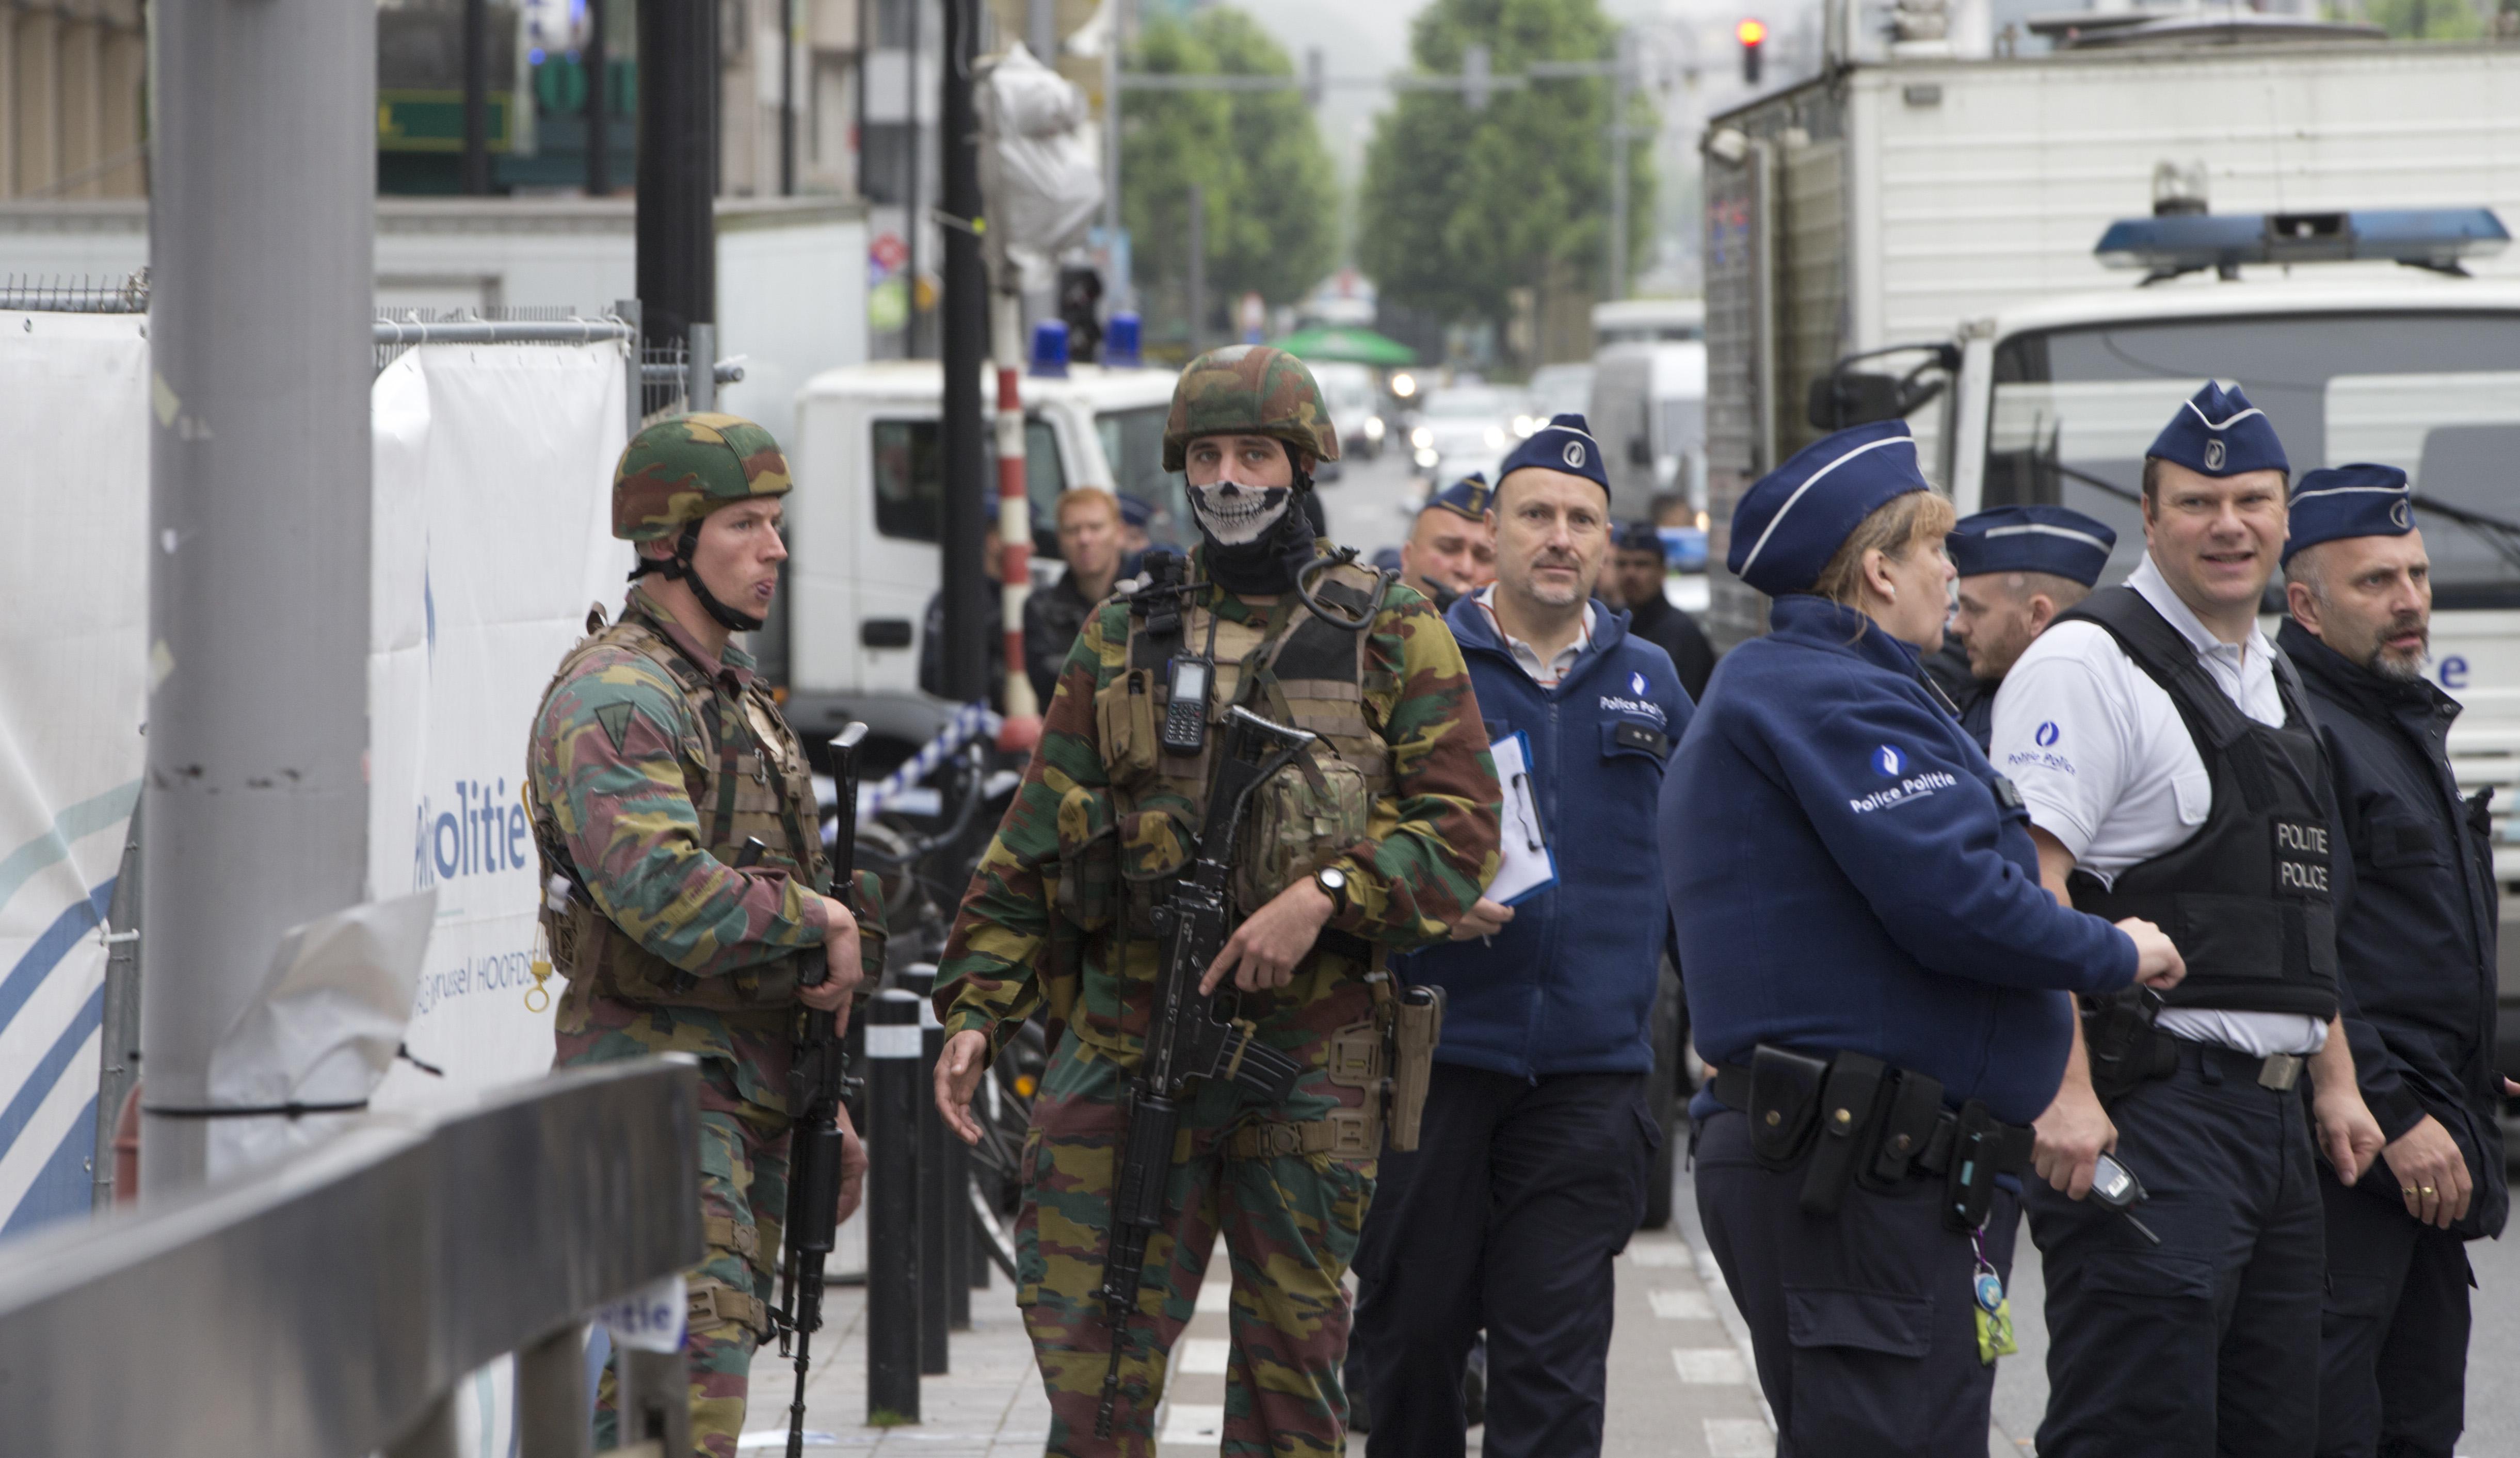 مخاوف أمنية تخيم على احتفالات بلجيكا بالعيد الوطني